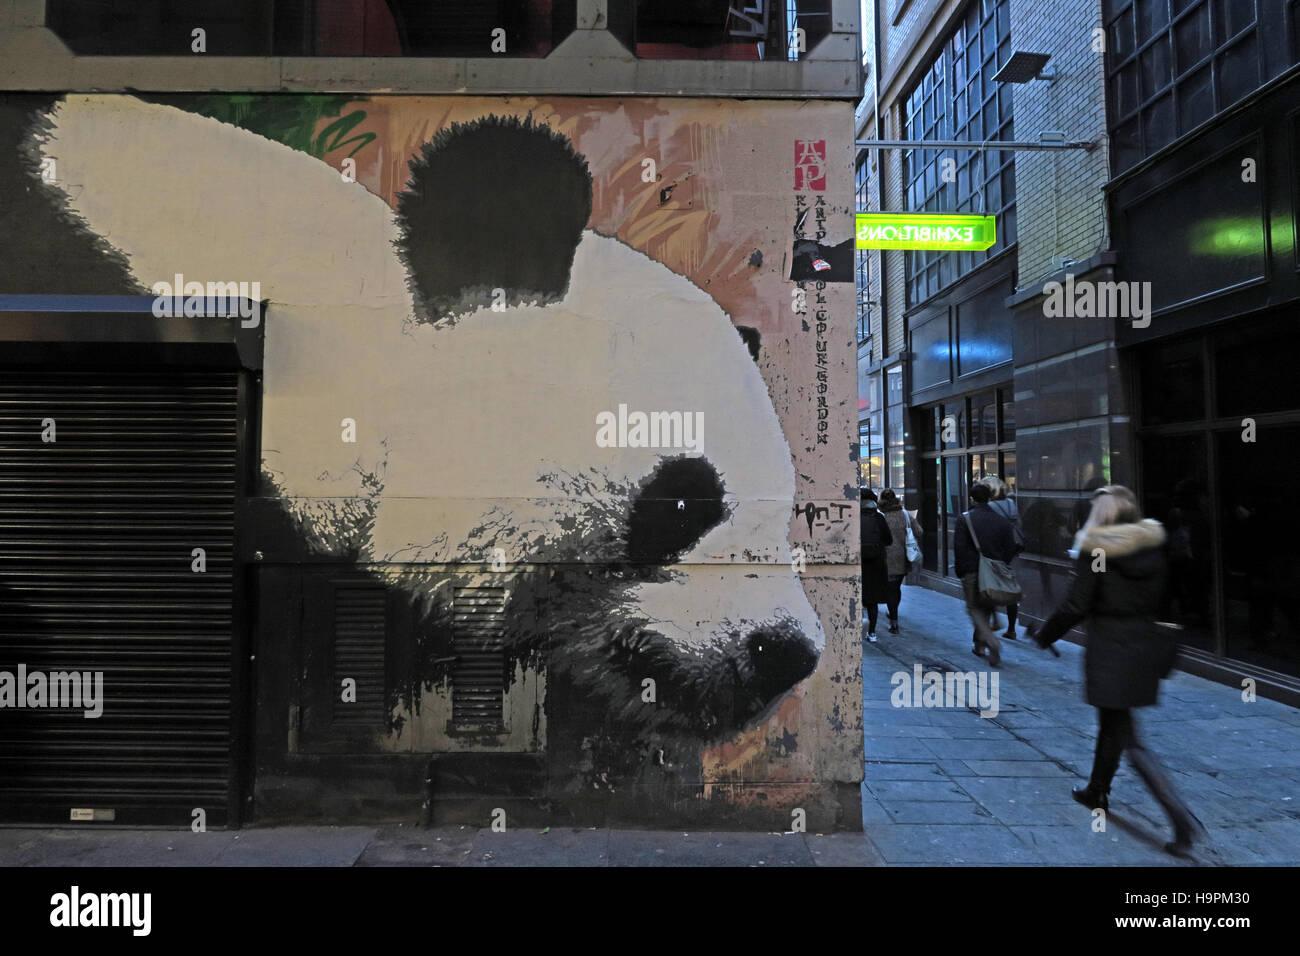 Laden Sie dieses Alamy Stockfoto Panda Graffiti, Mitchell Lane, Glasgow, Schottland, UK - H9PM30